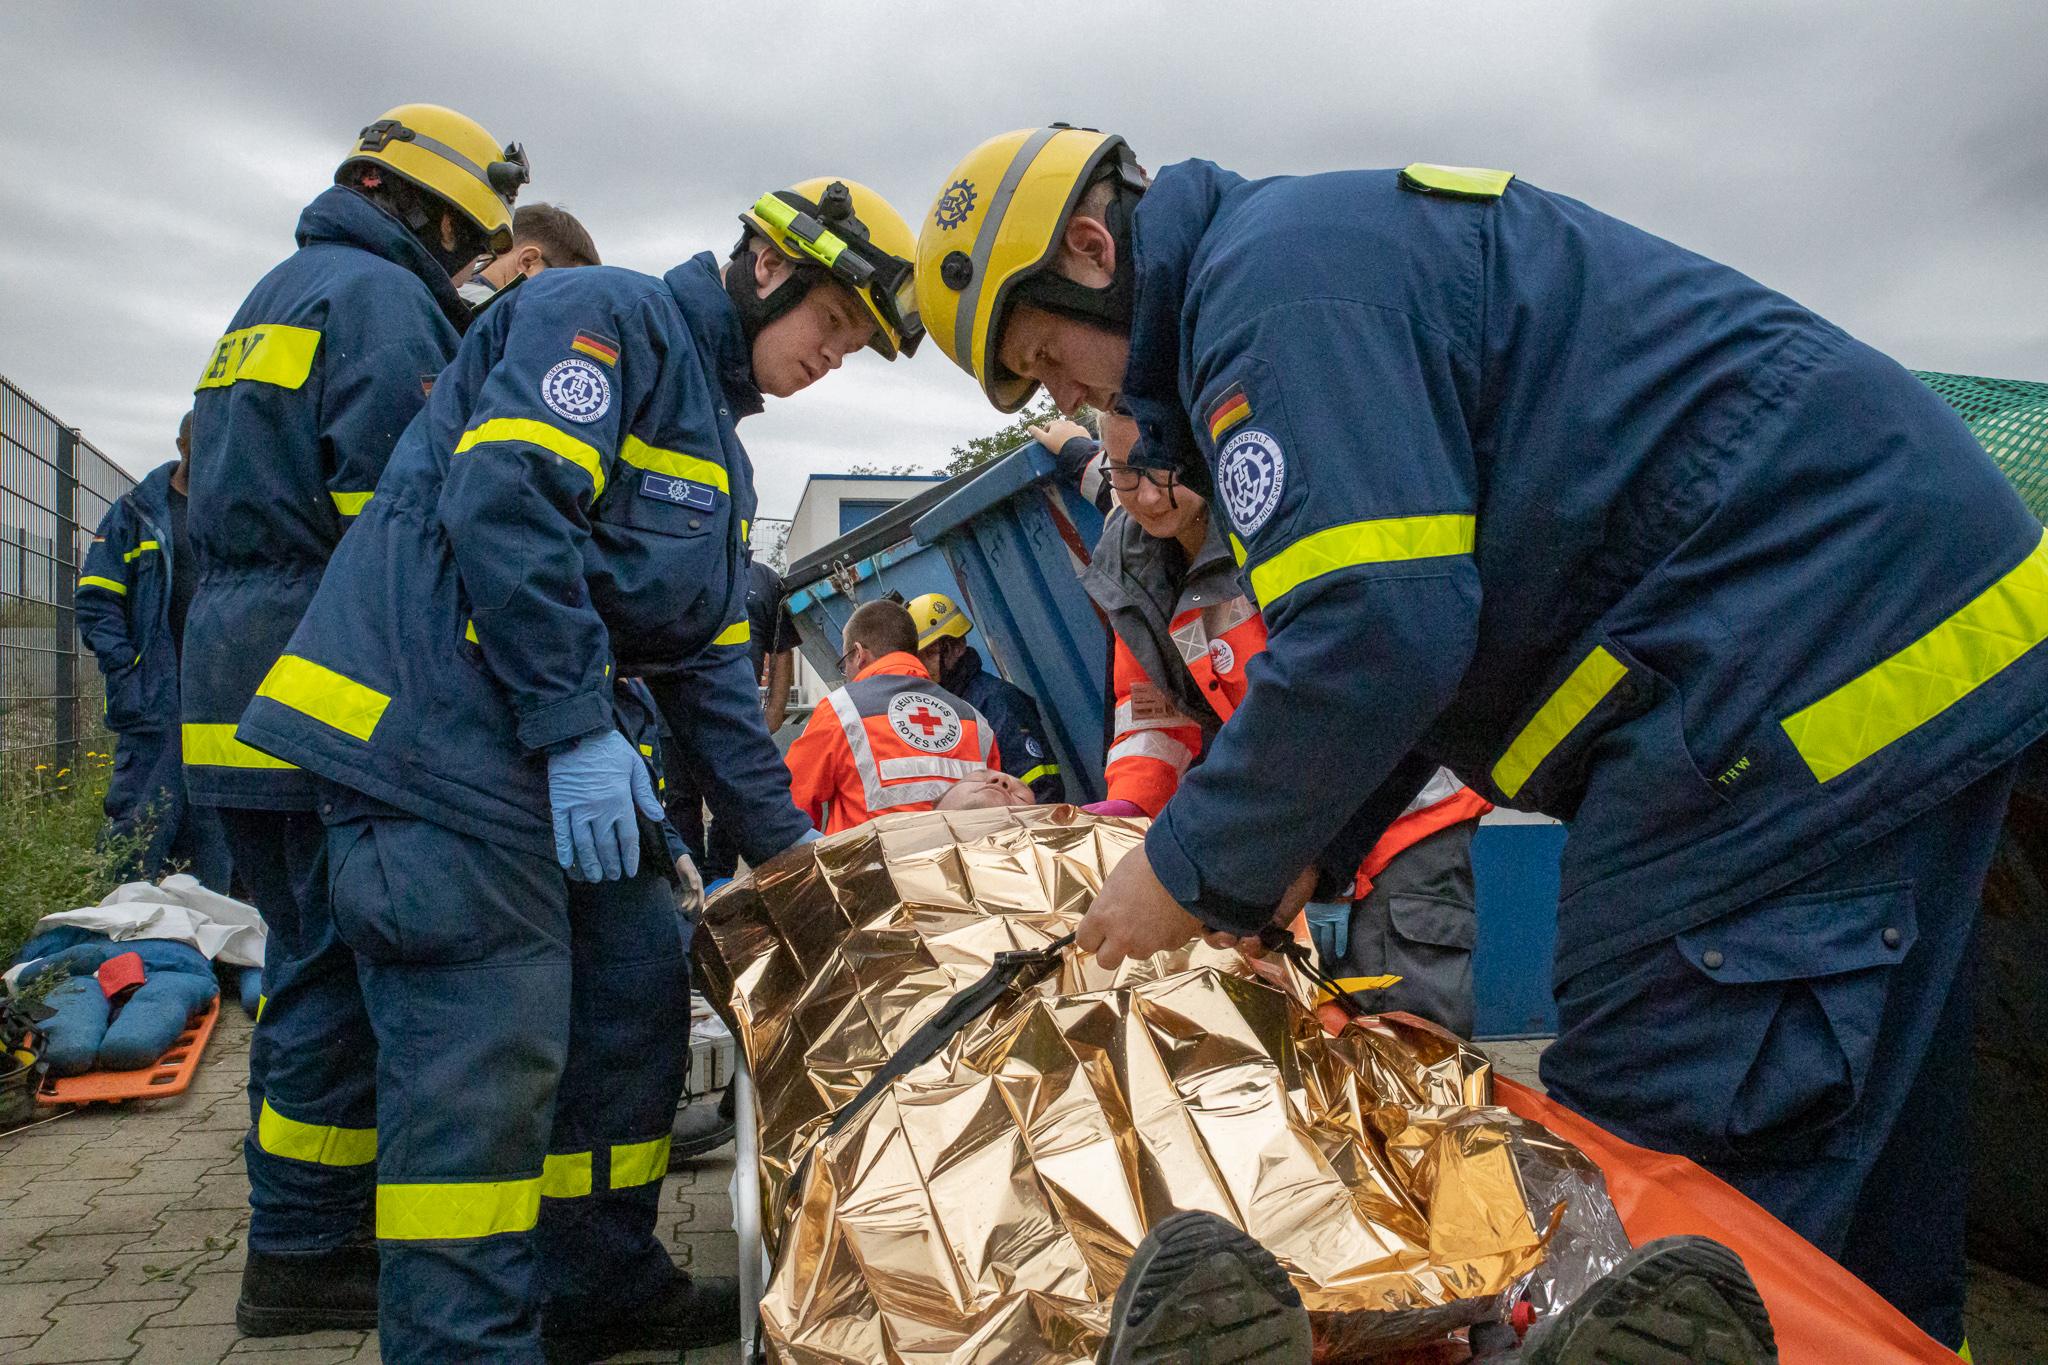 FeuerwehrSim 2019 Wirtschaftsbetrieb-11